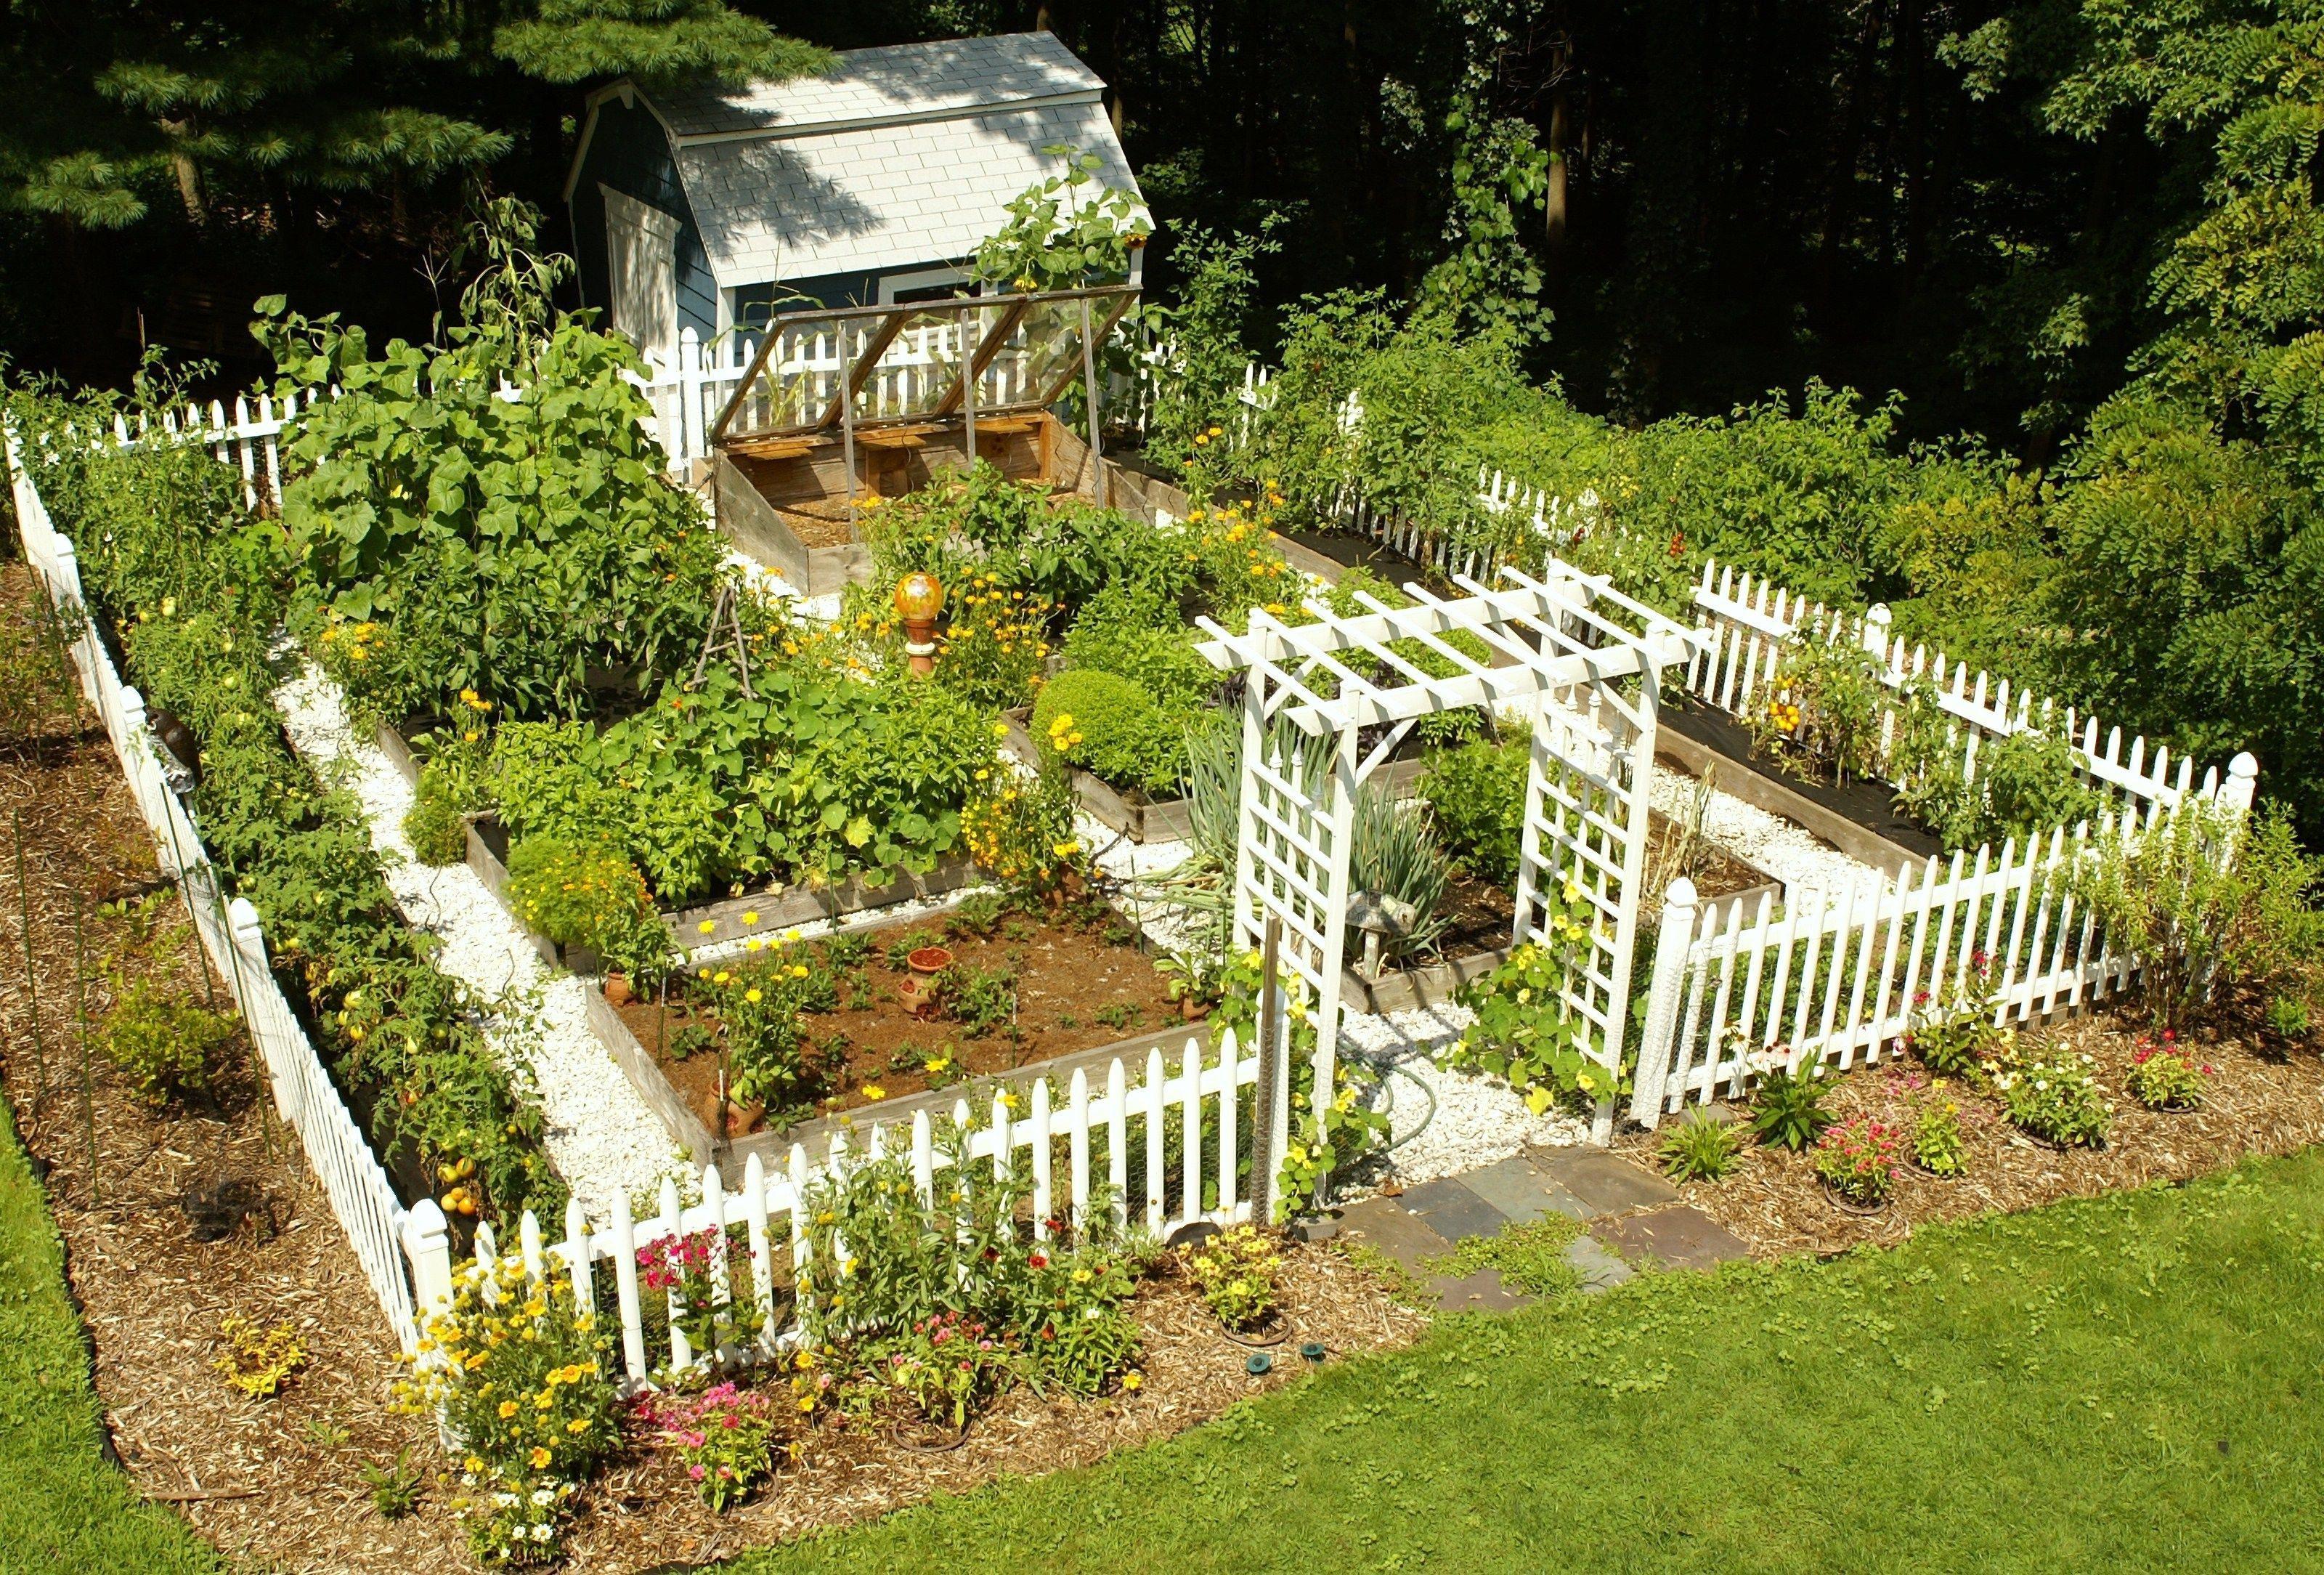 Vegetable Garden Plan Home Tender Smart Home Vegetable Garden